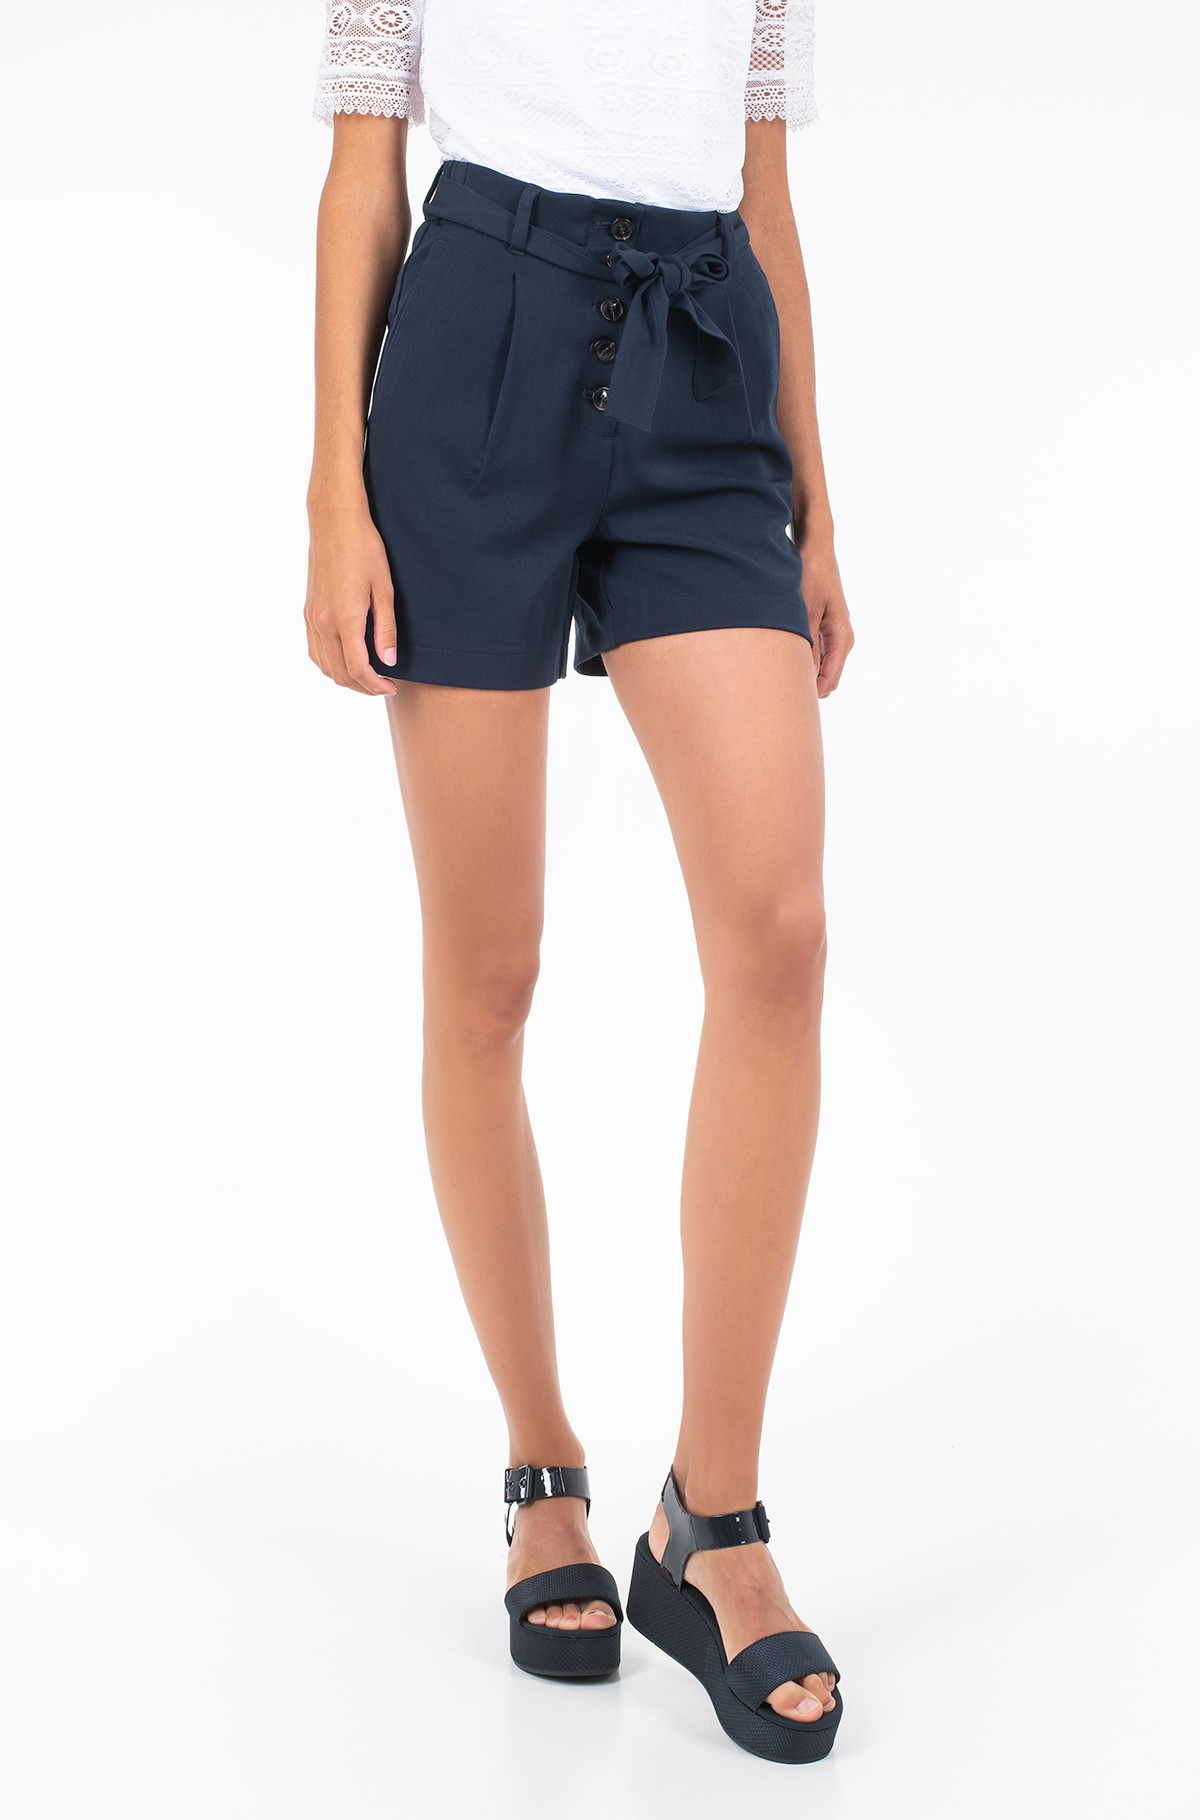 Lühikesed püksid 1012669-full-1